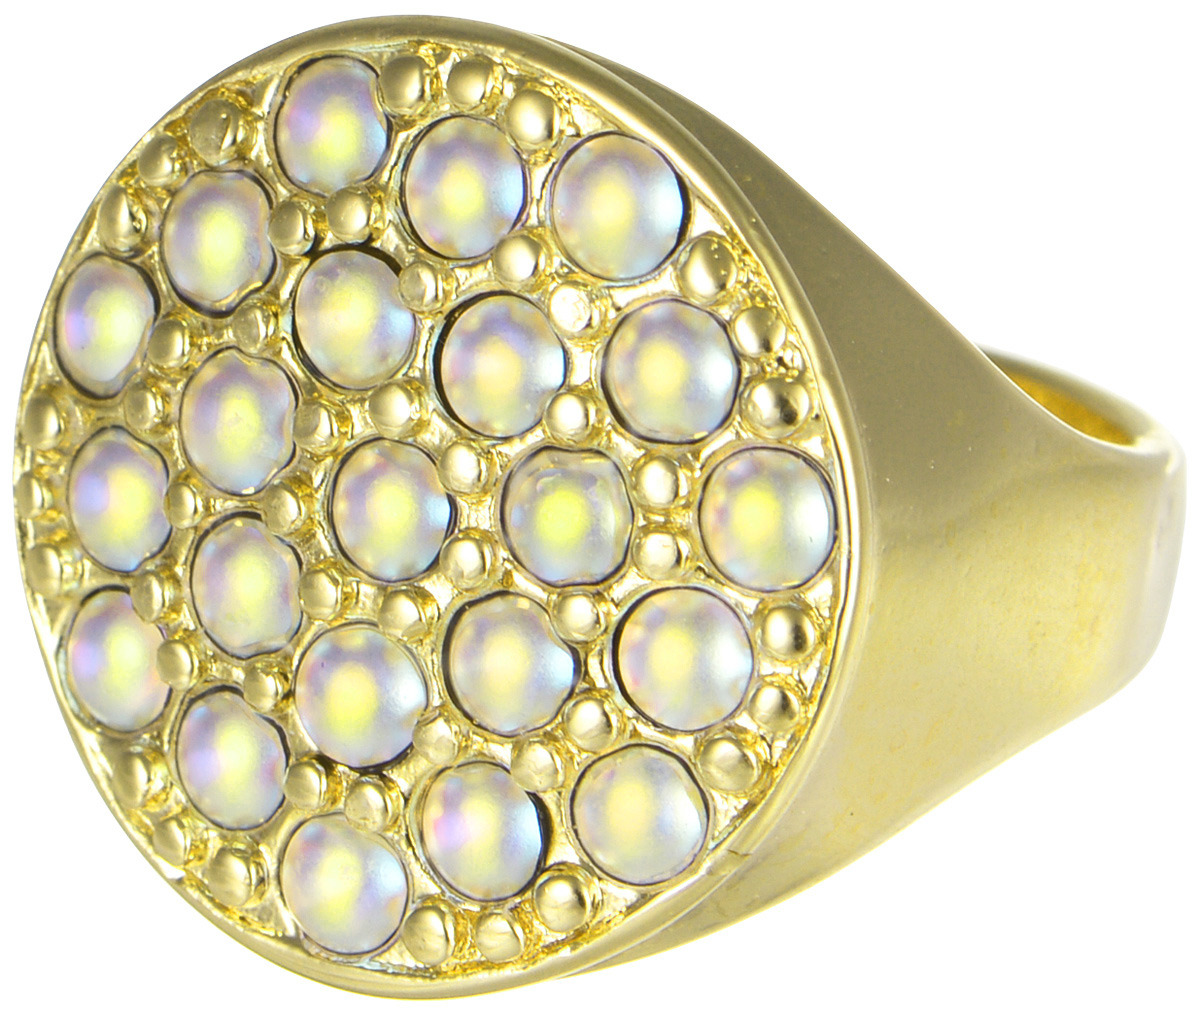 Кольцо Jenavi Франциска. Лош, цвет: золотой, мультиколор. j724p070. Размер 21Коктейльное кольцоКольцо Jenavi Лош из коллекции Франциска изготовлено из гипоаллергенного ювелирного сплава с позолотой и украшено радужными кристаллами Swarovski. Очарованию этого аксессуара невозможно противостоять. Это позолоченное кольцо станет прекрасным аксессуаром для современной модницы, которая любит демонстрировать передовые взгляды и надевать самые актуальные украшения.